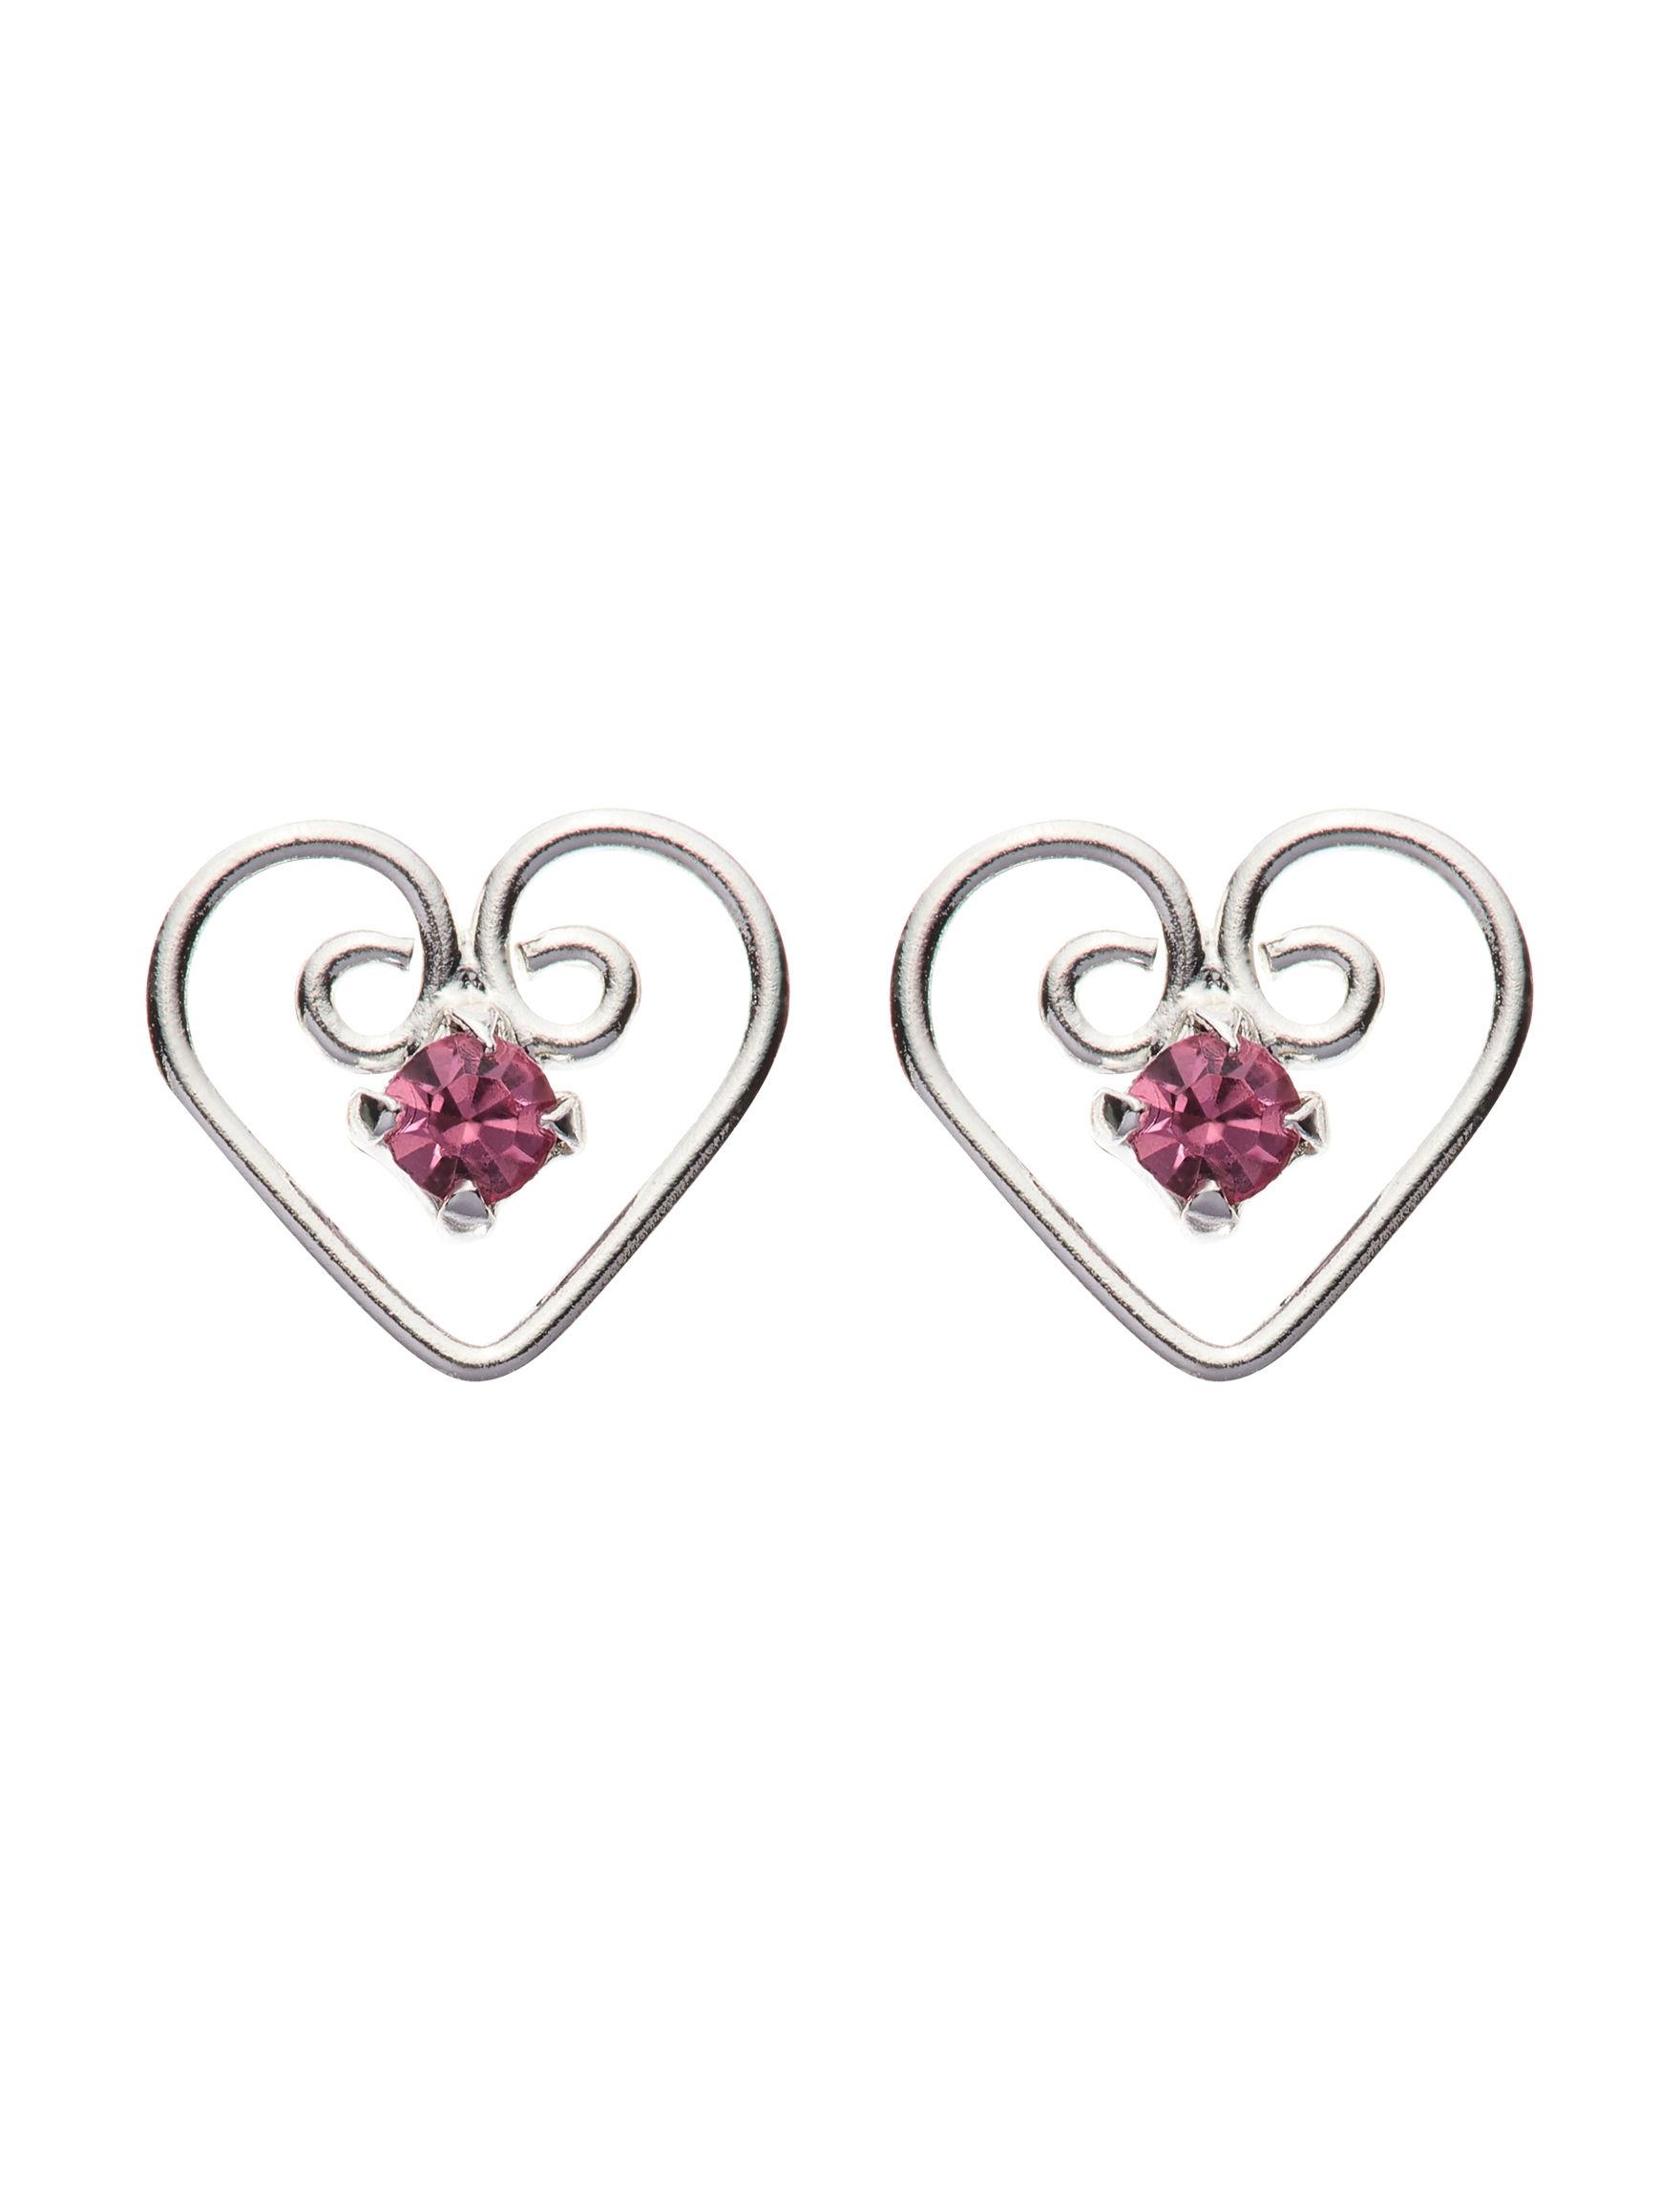 Marsala Silver / Pink Studs Earrings Fine Jewelry